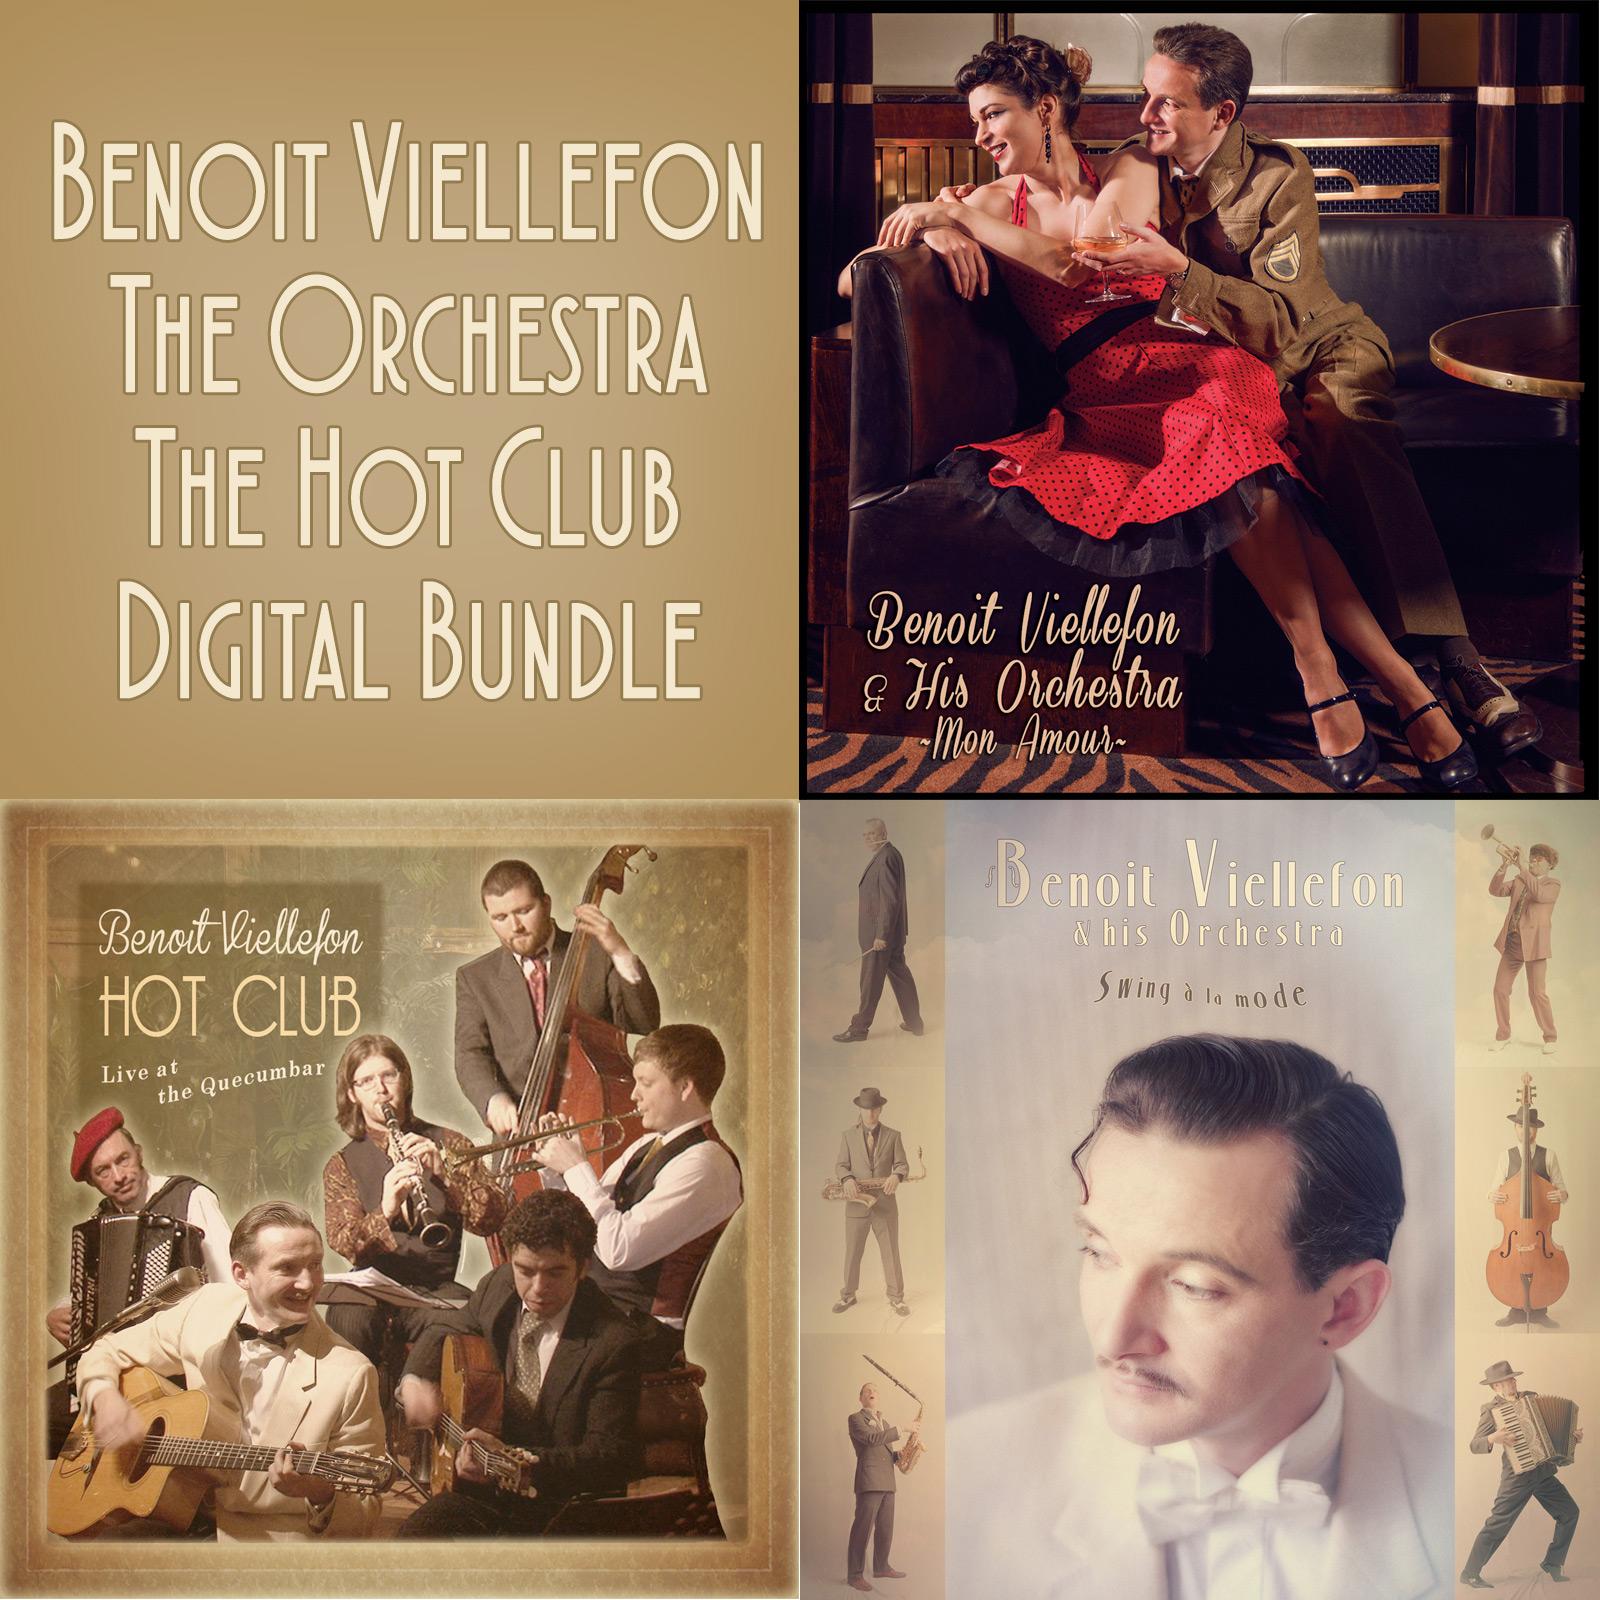 Complete Discography Digital Bundle (Download 3 albums) - Benoit Viellefon